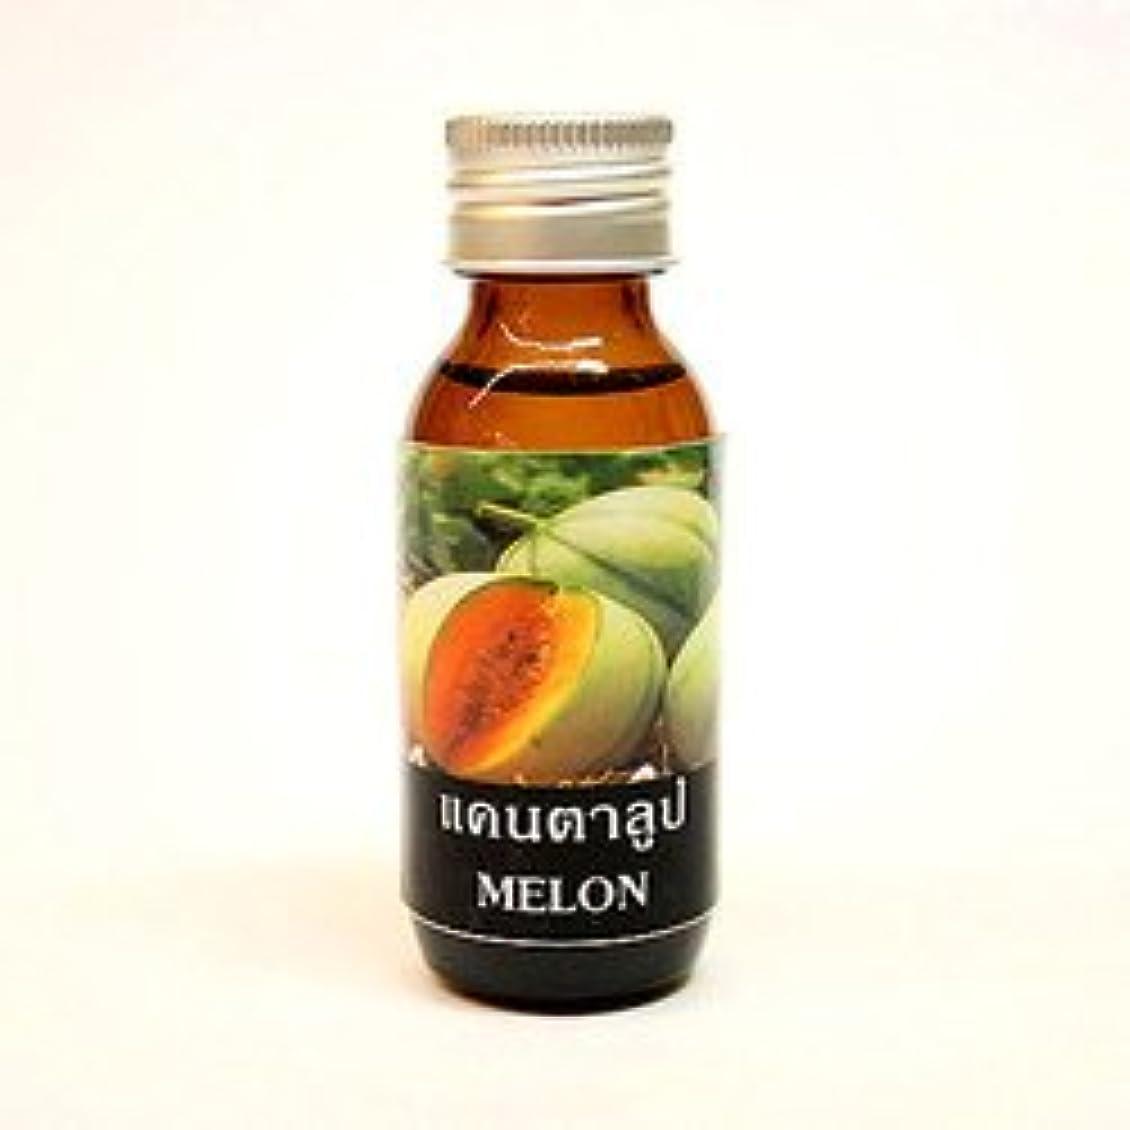 効能あるくしゃくしゃ人に関する限りメロン 〔MELON〕 アロマテラピーオイル 30ml アジアン雑貨